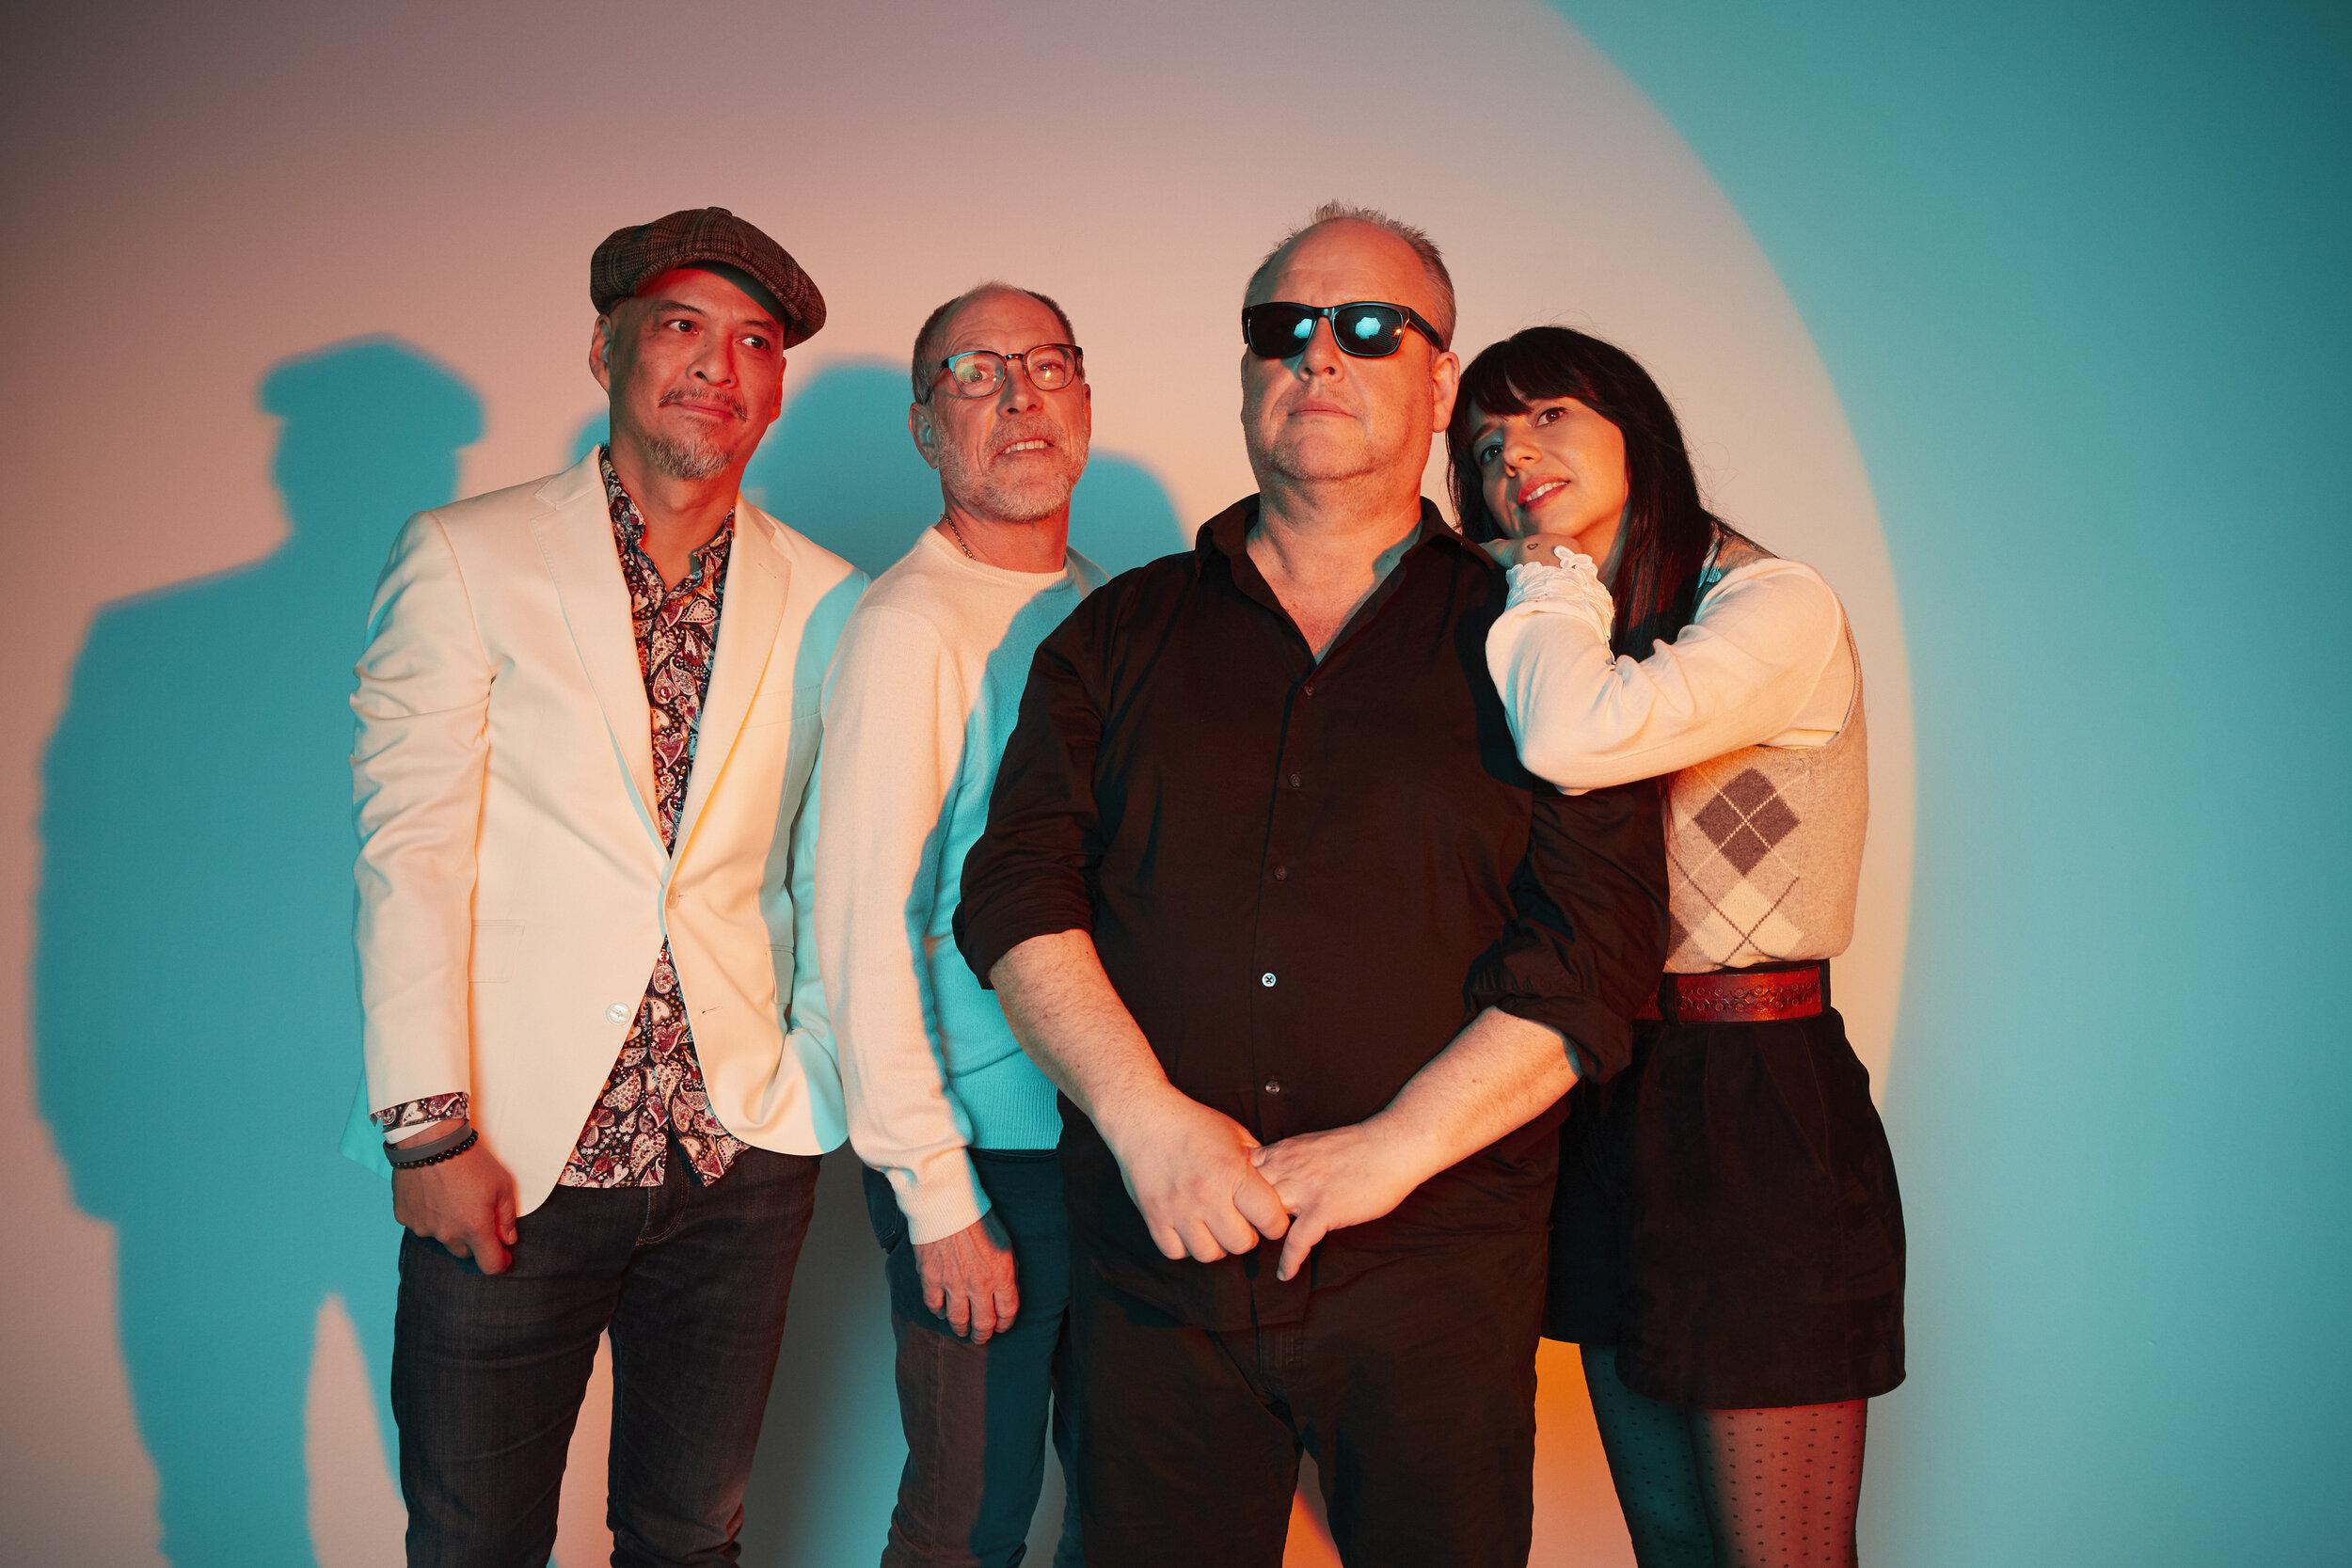 Paz Lenchantin (à droite sur l'épaule de Black Francis) a rejoint les garçons des Pixies pour remplacer la légendaire Kim Deal à la basse. Photo : Travis SHINN